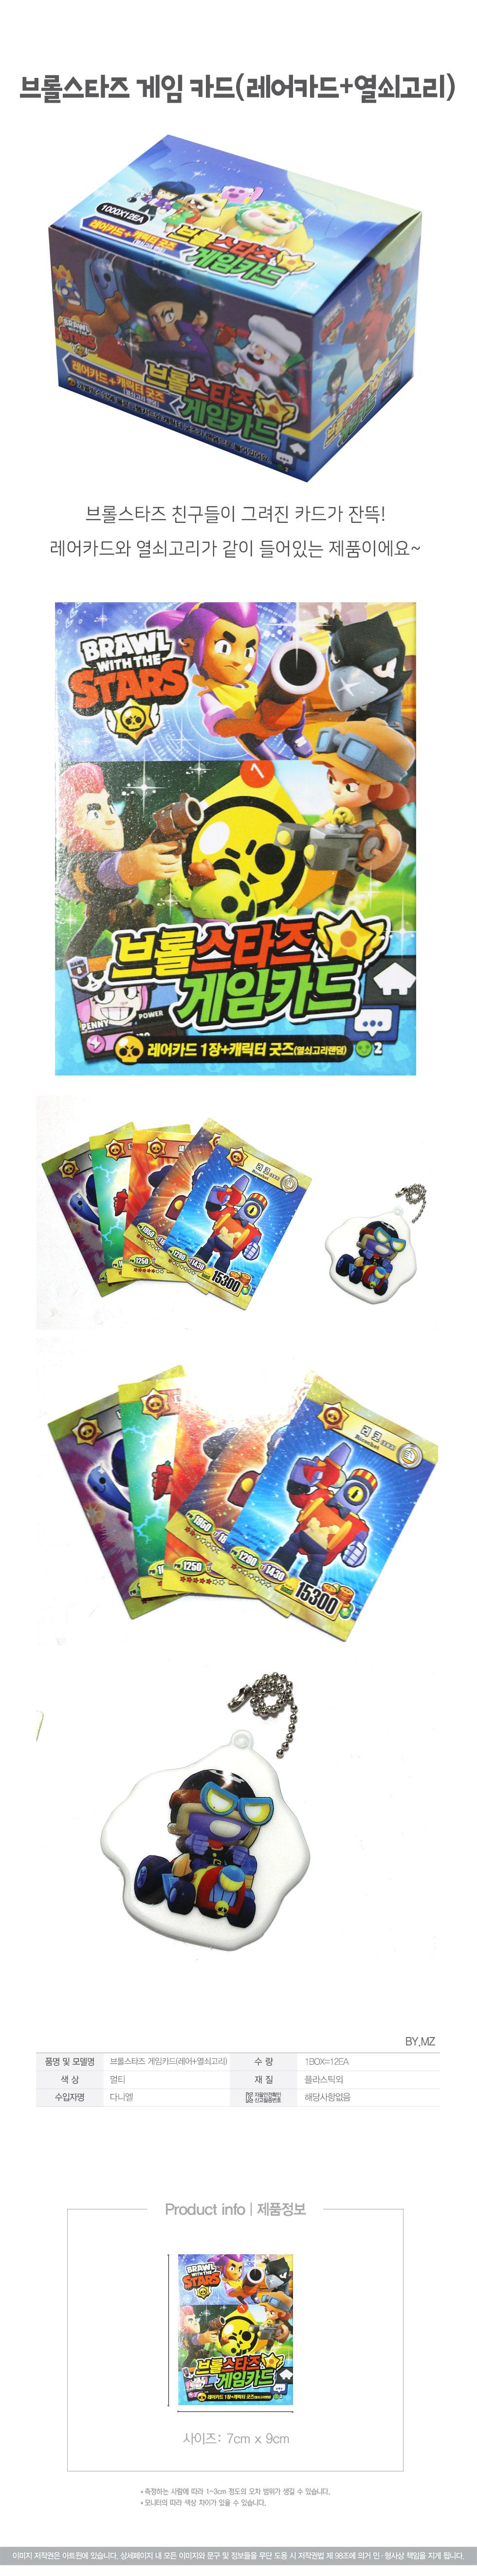 1000브롤스타즈게임카드(레어카드+열쇠고리)BOX - 아트윈, 11,900원, 보드게임, 카드 게임